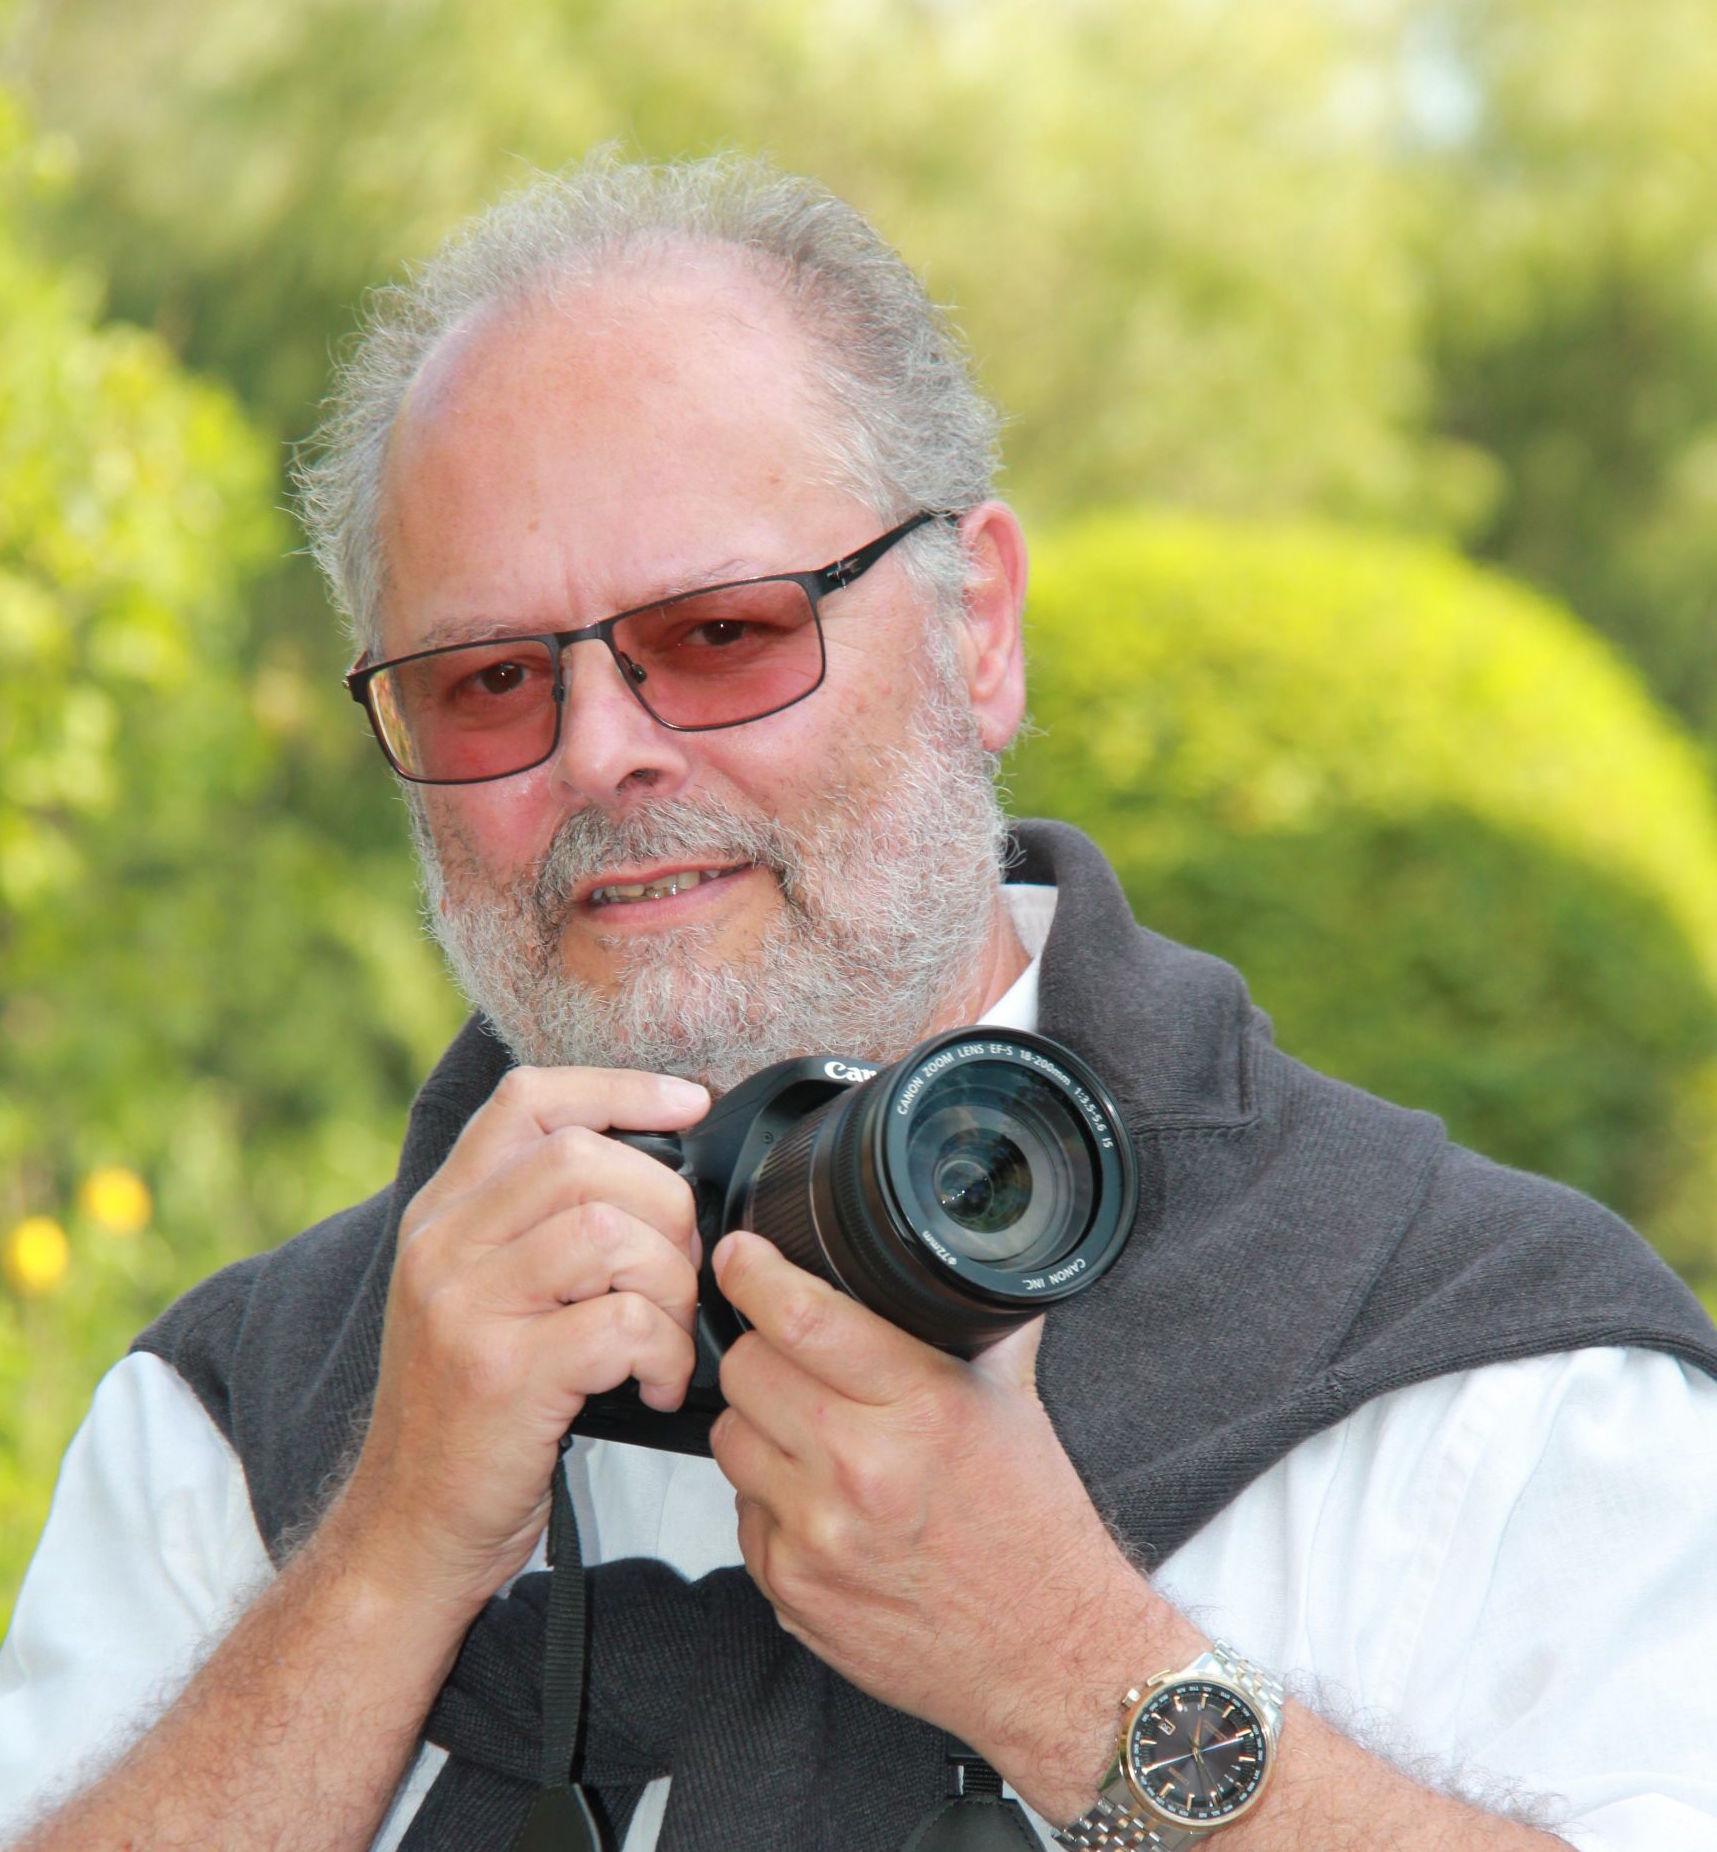 Matthias Wiemer